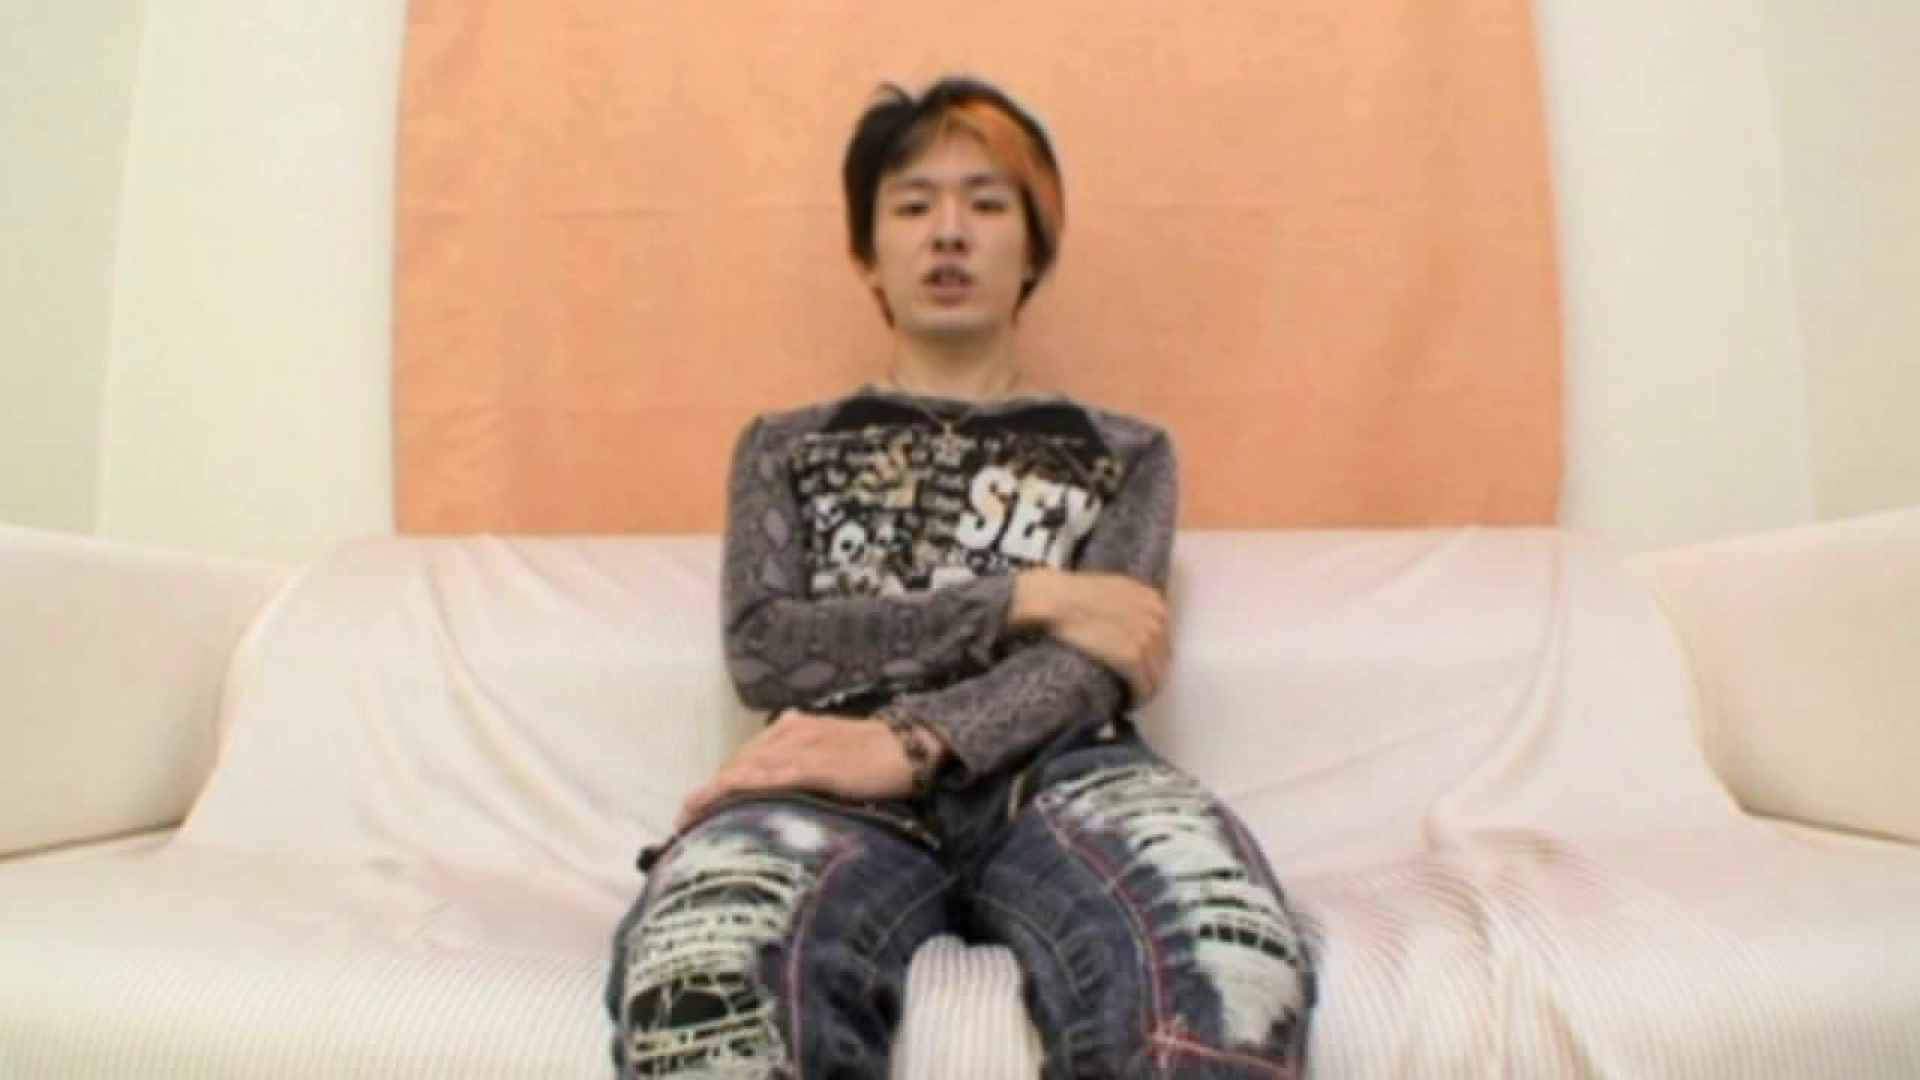 ノンケ!自慰スタジオ No.12 オナニー | ゲイの自慰 アダルトビデオ画像キャプチャ 102pic 6